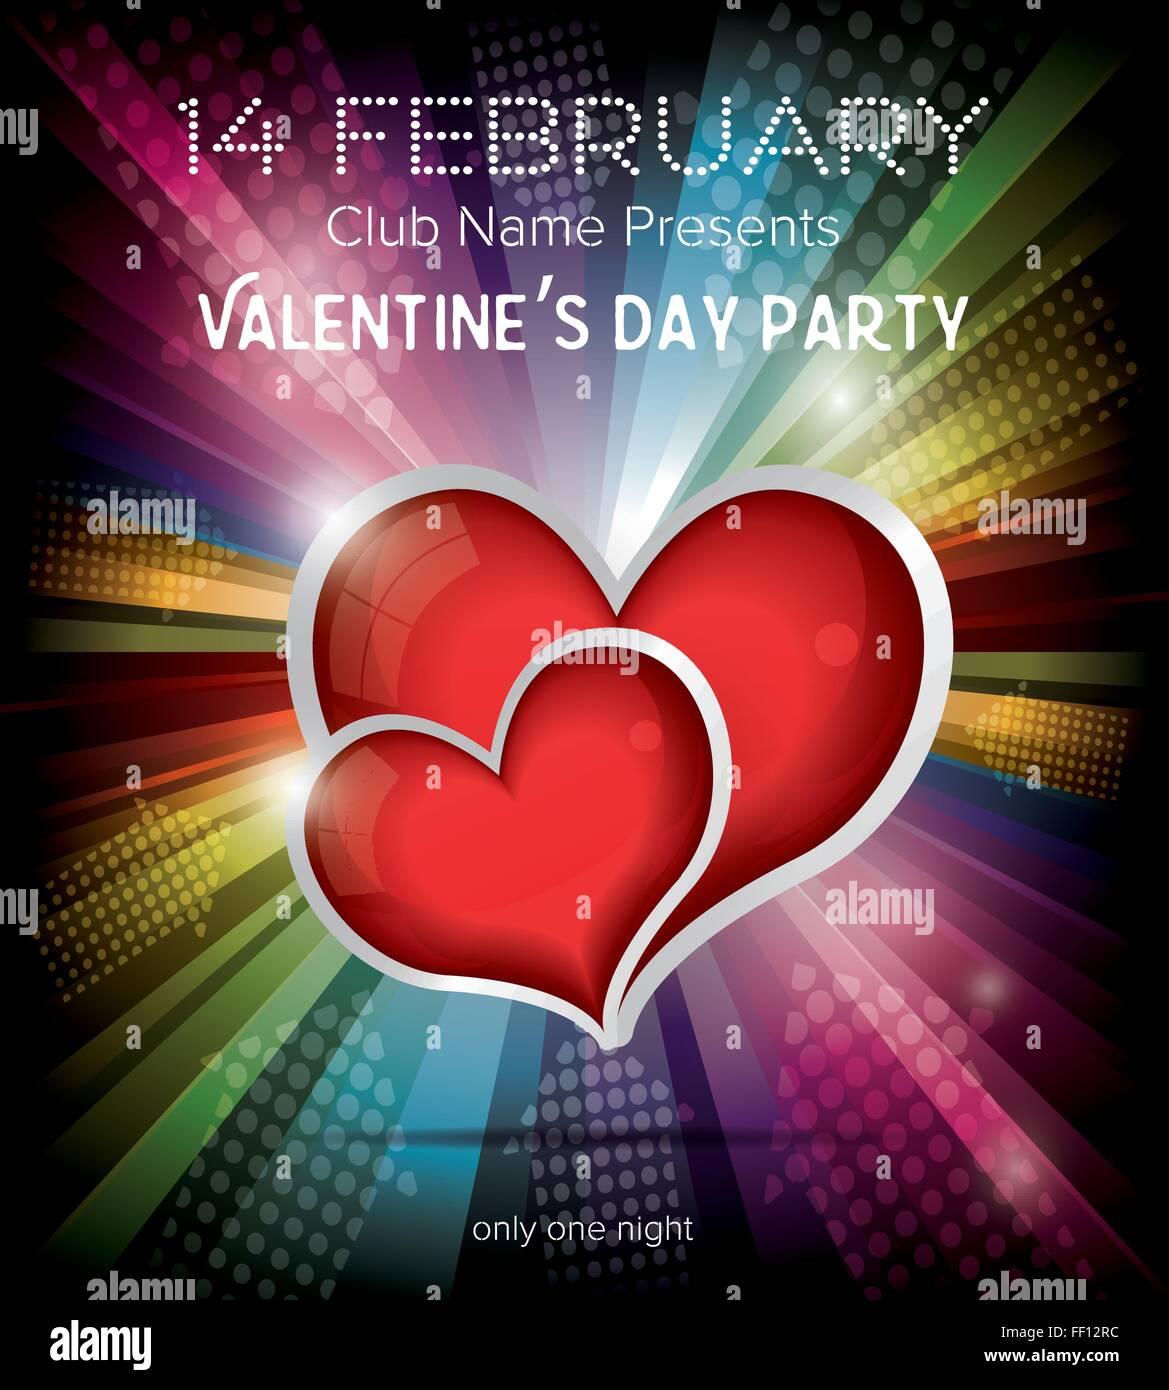 Happy Valentines Day Party Flyer Design Vorlage Auf Regenbogen Hintergrund Vektor Illustration Club Konzept